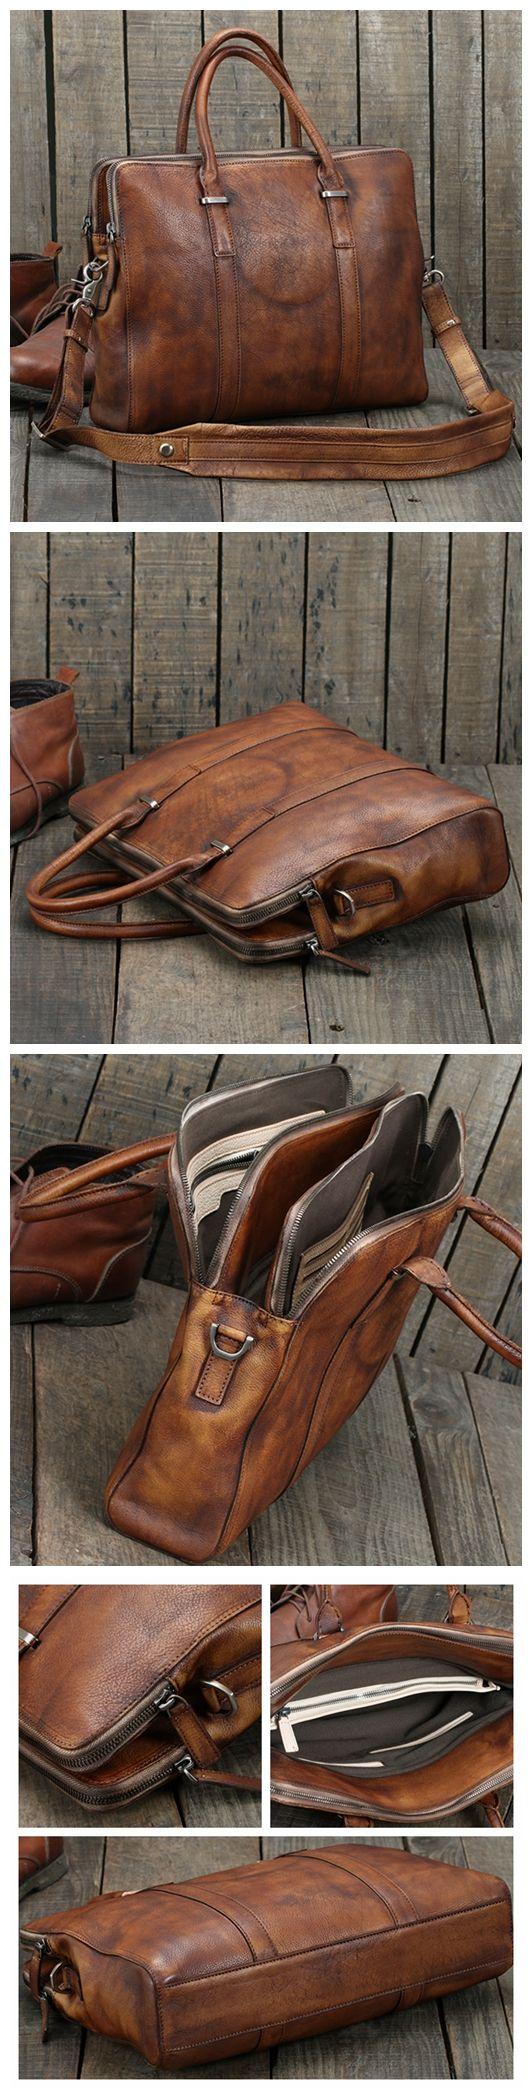 Handmade Vintage Brown Leather Briefcase Men Business Bag Handbag Fashion Laptop Bag 14119 - Vintage Brown